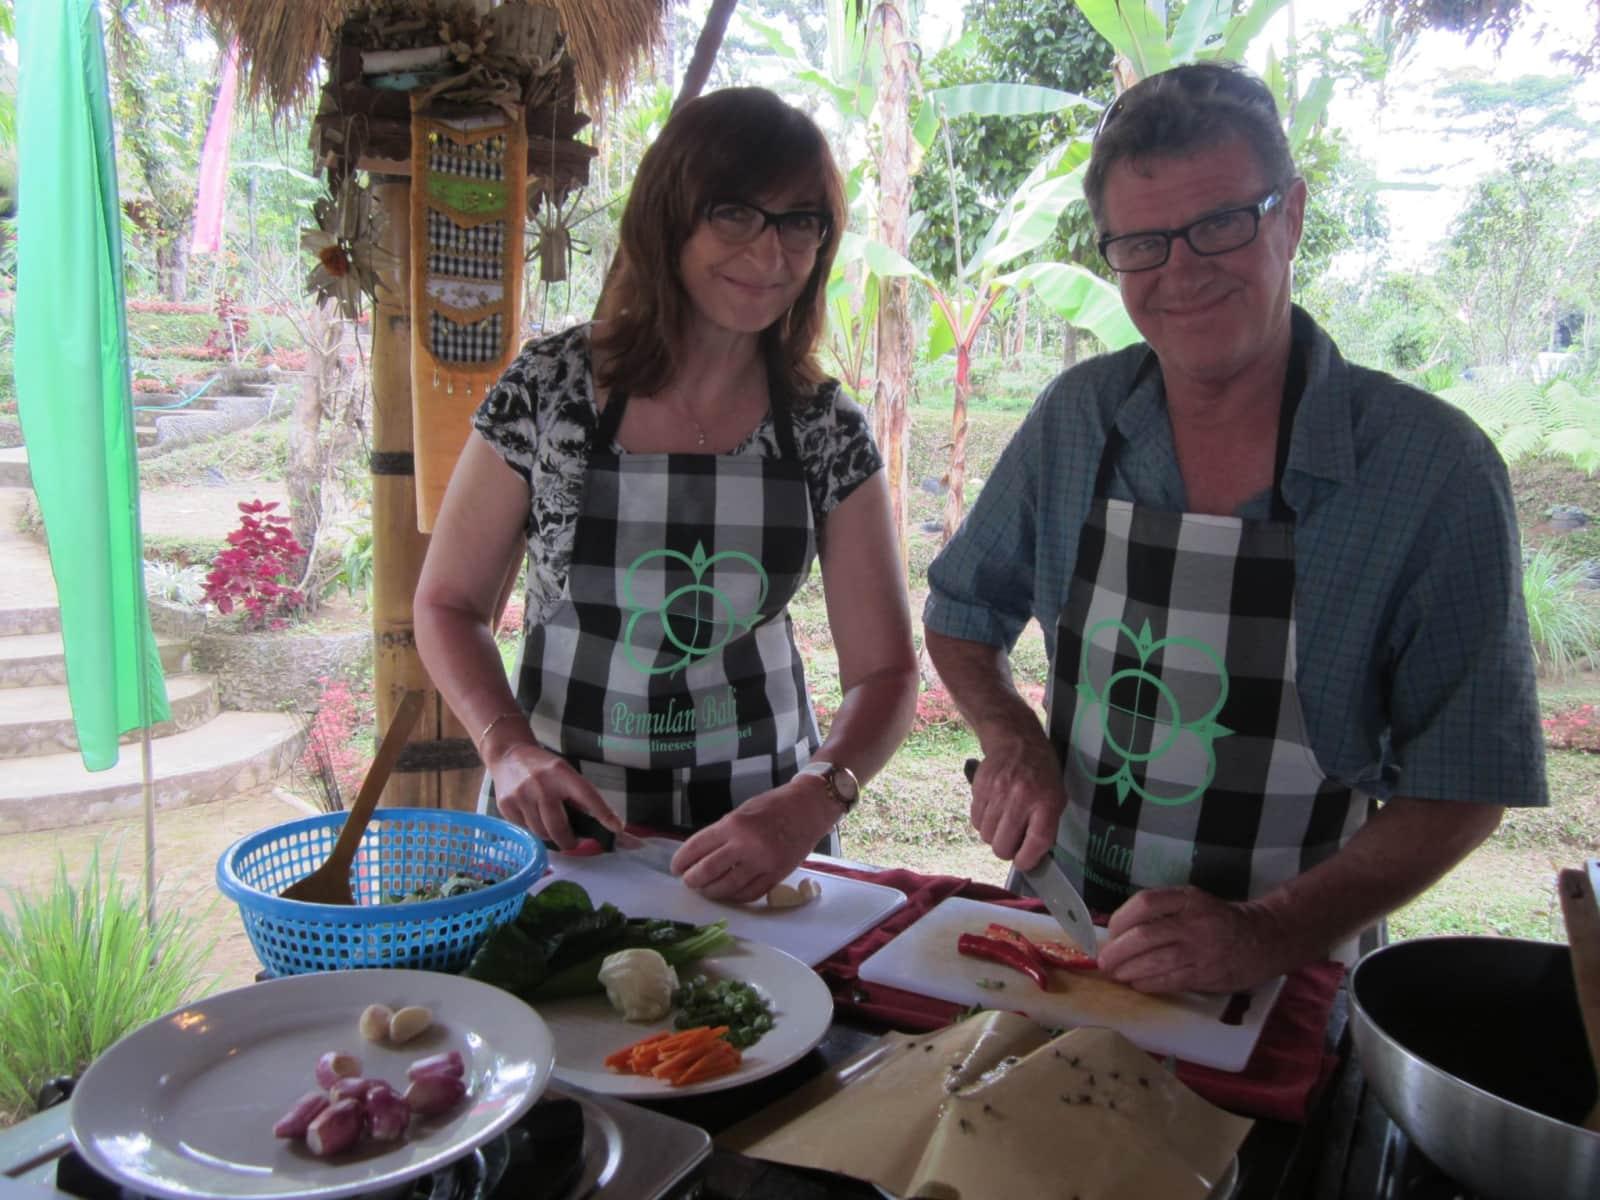 Janett & Neil from Aalen, Germany